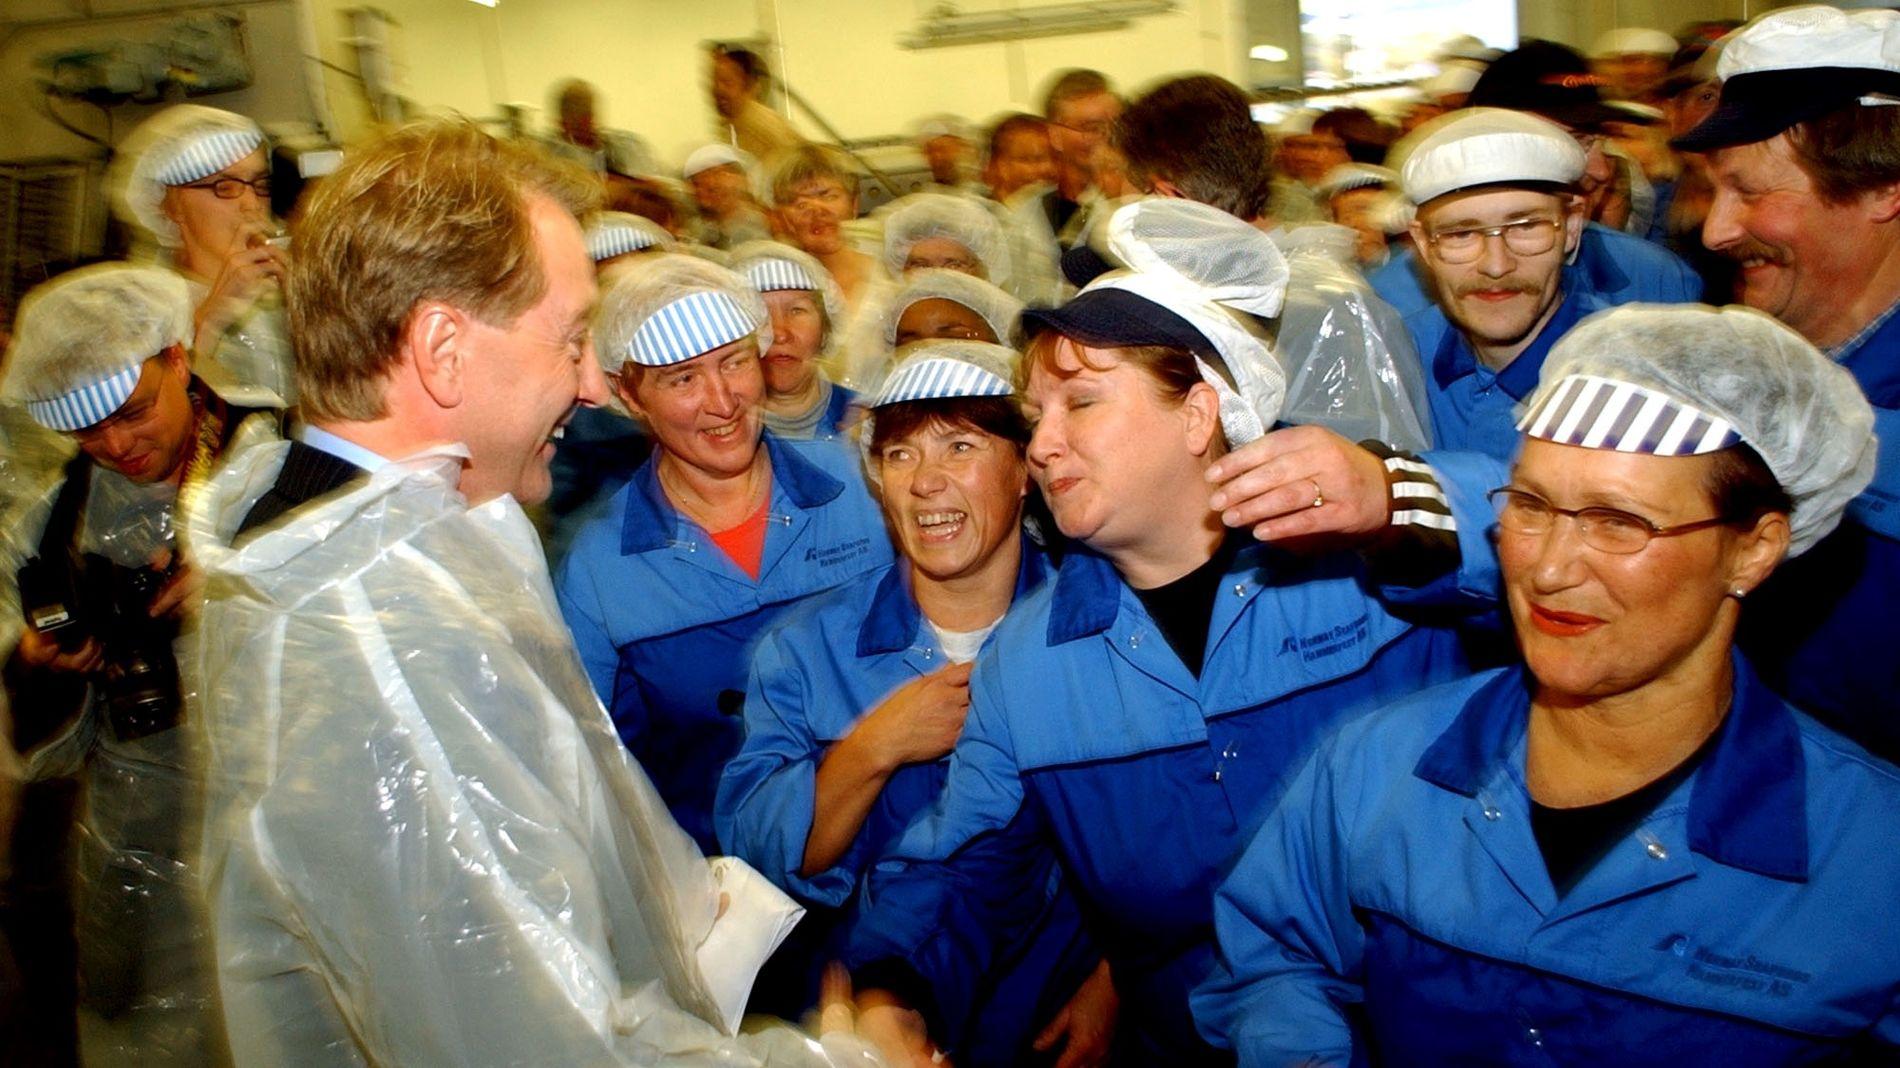 POPULÆR: Kjell Inge Røkke ved åpningen av Norway Seafoods fiskefabrikk i Hammerfest. Han ble mottatt som en pop-stjerne av de ansatte.